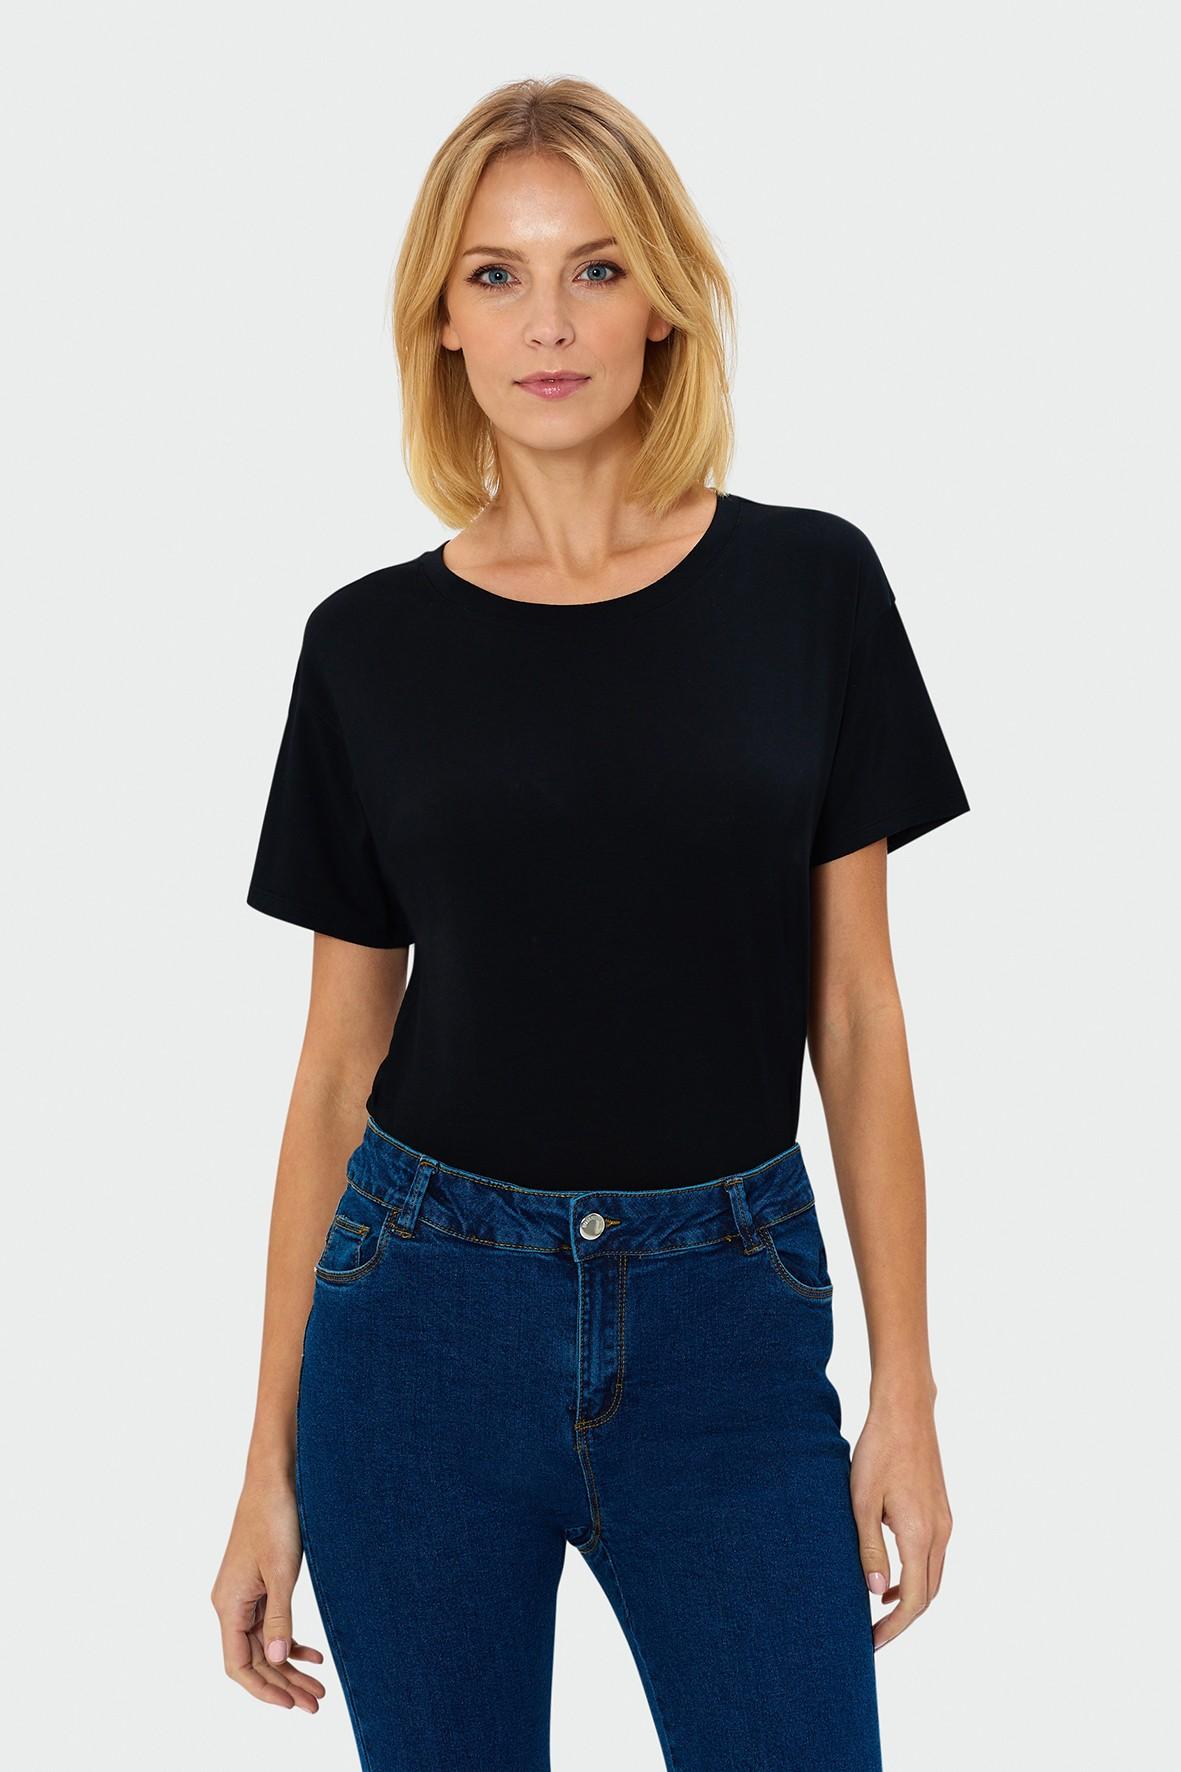 T-shirt oversize'owy czarny dla kobiety